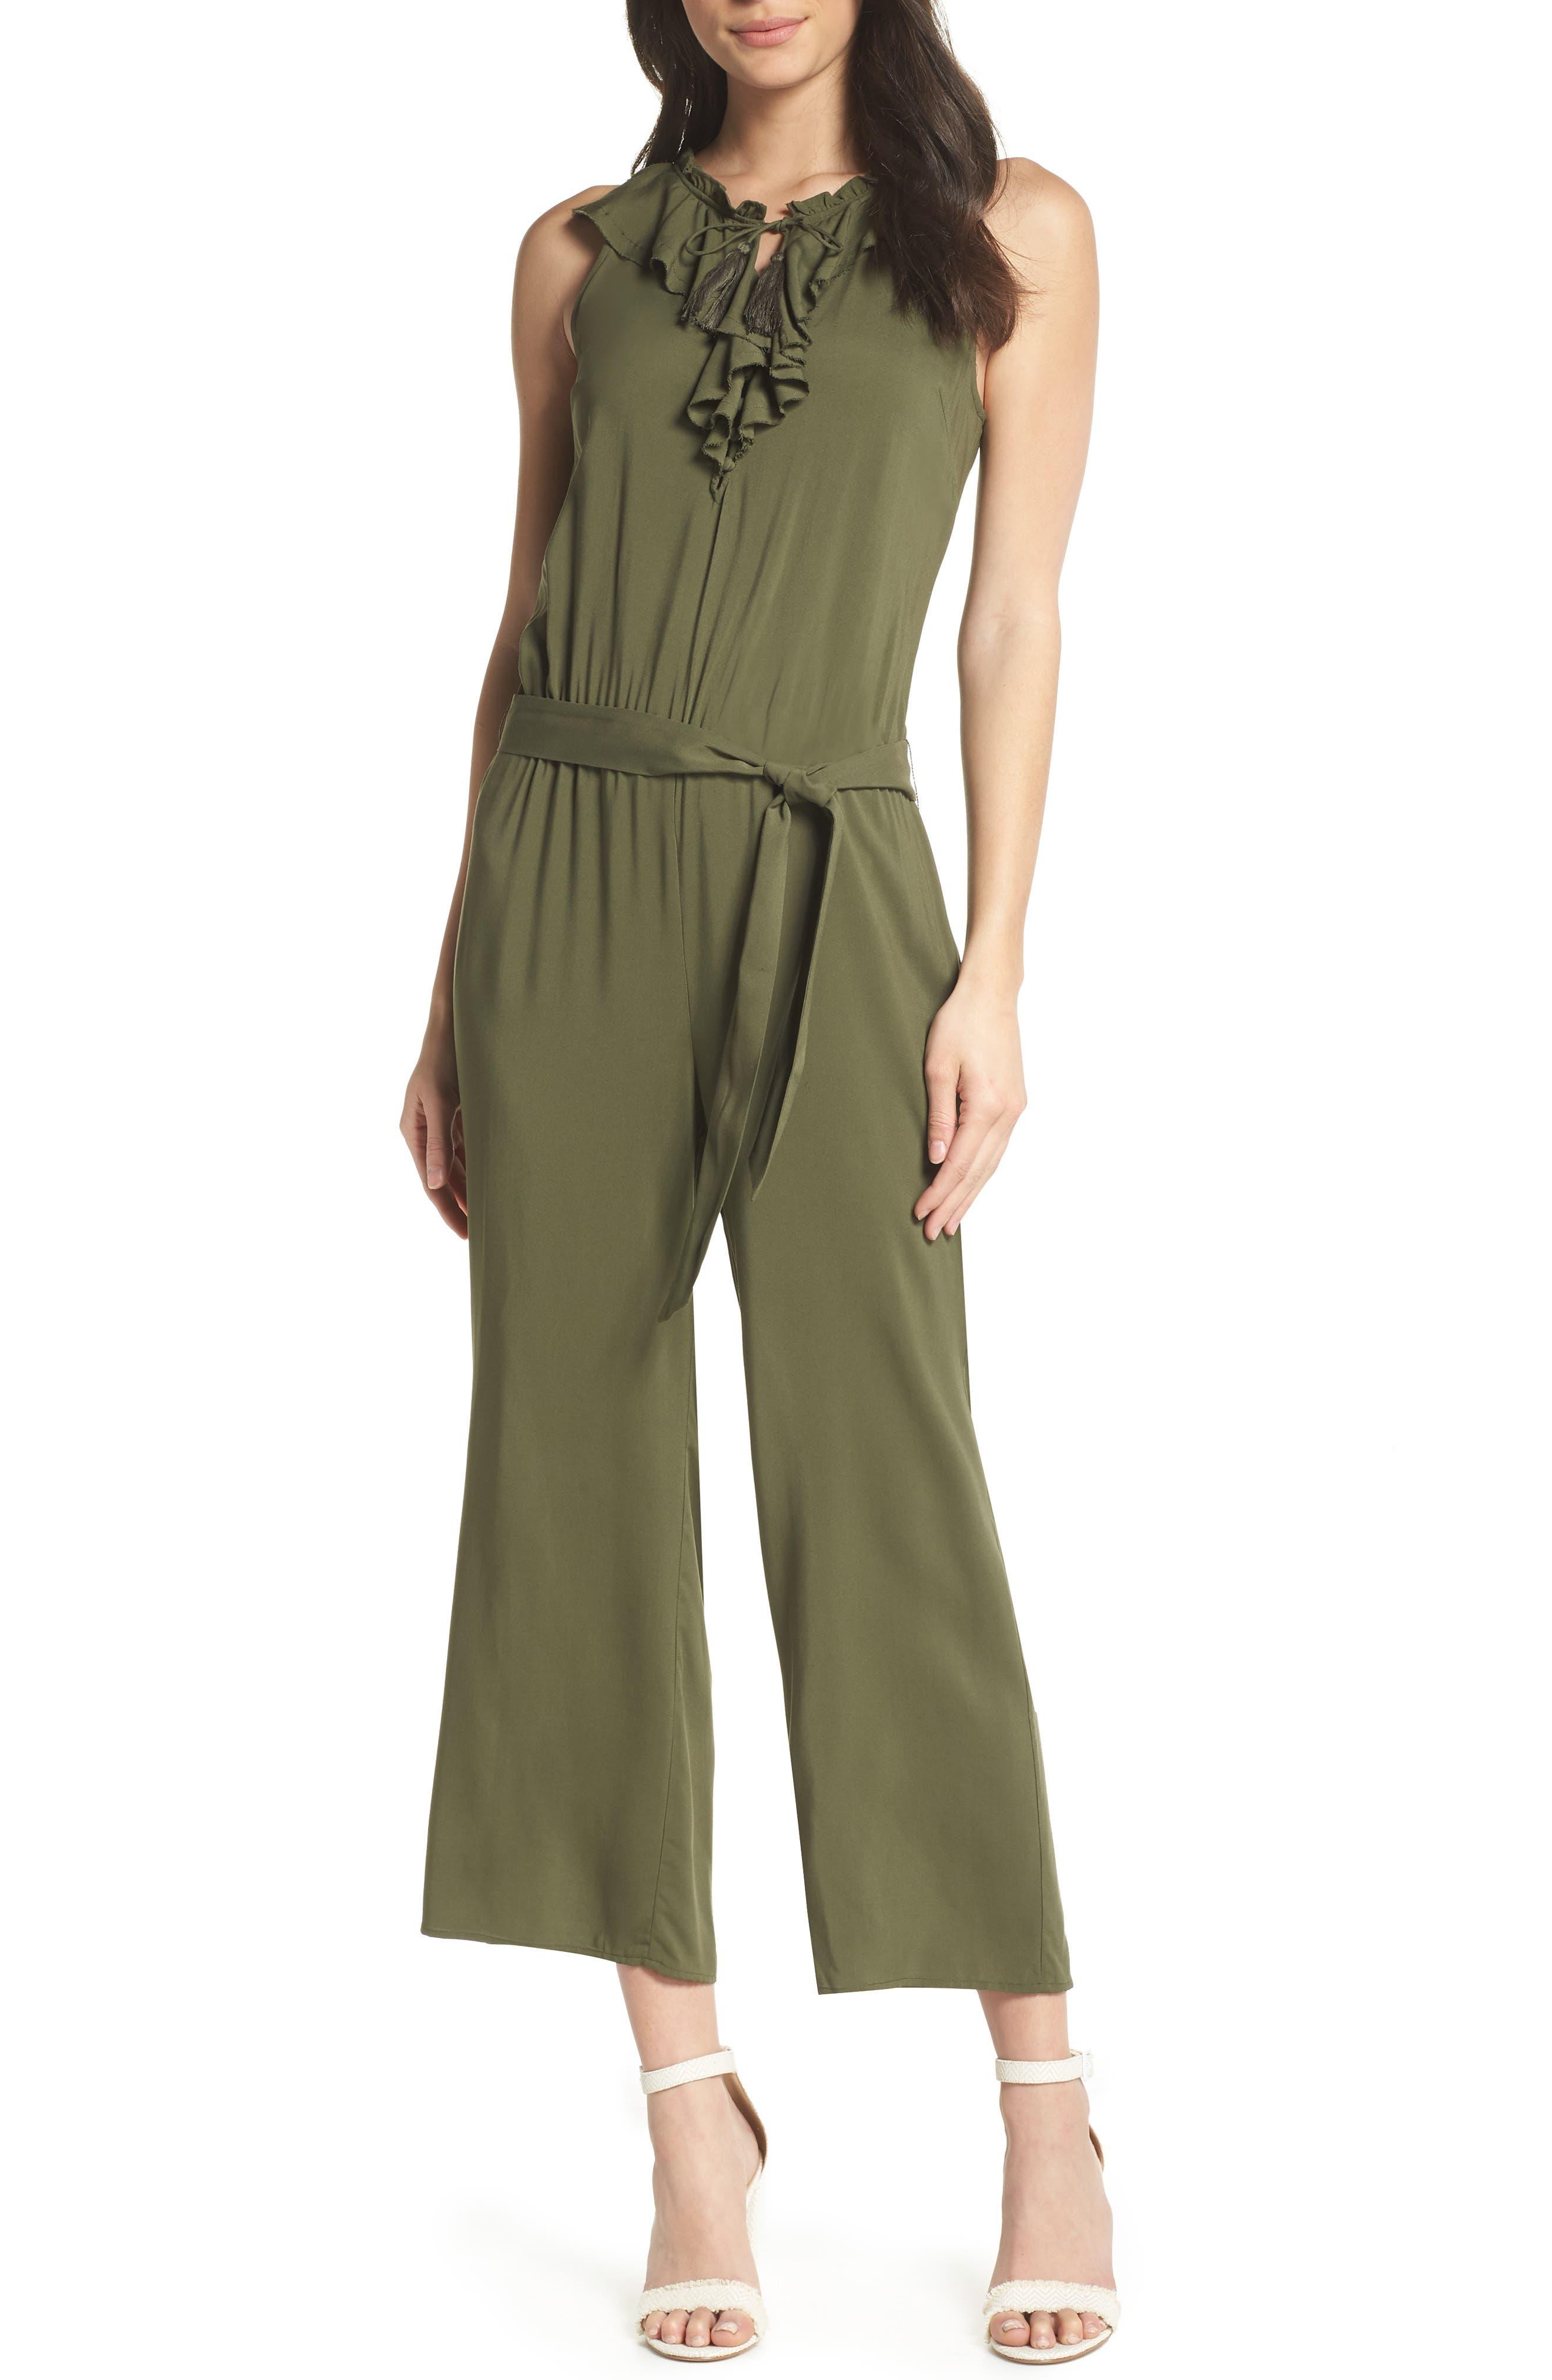 Alternate Image 1 Selected - PAIGE Paletta Tie-Waist Jumpsuit